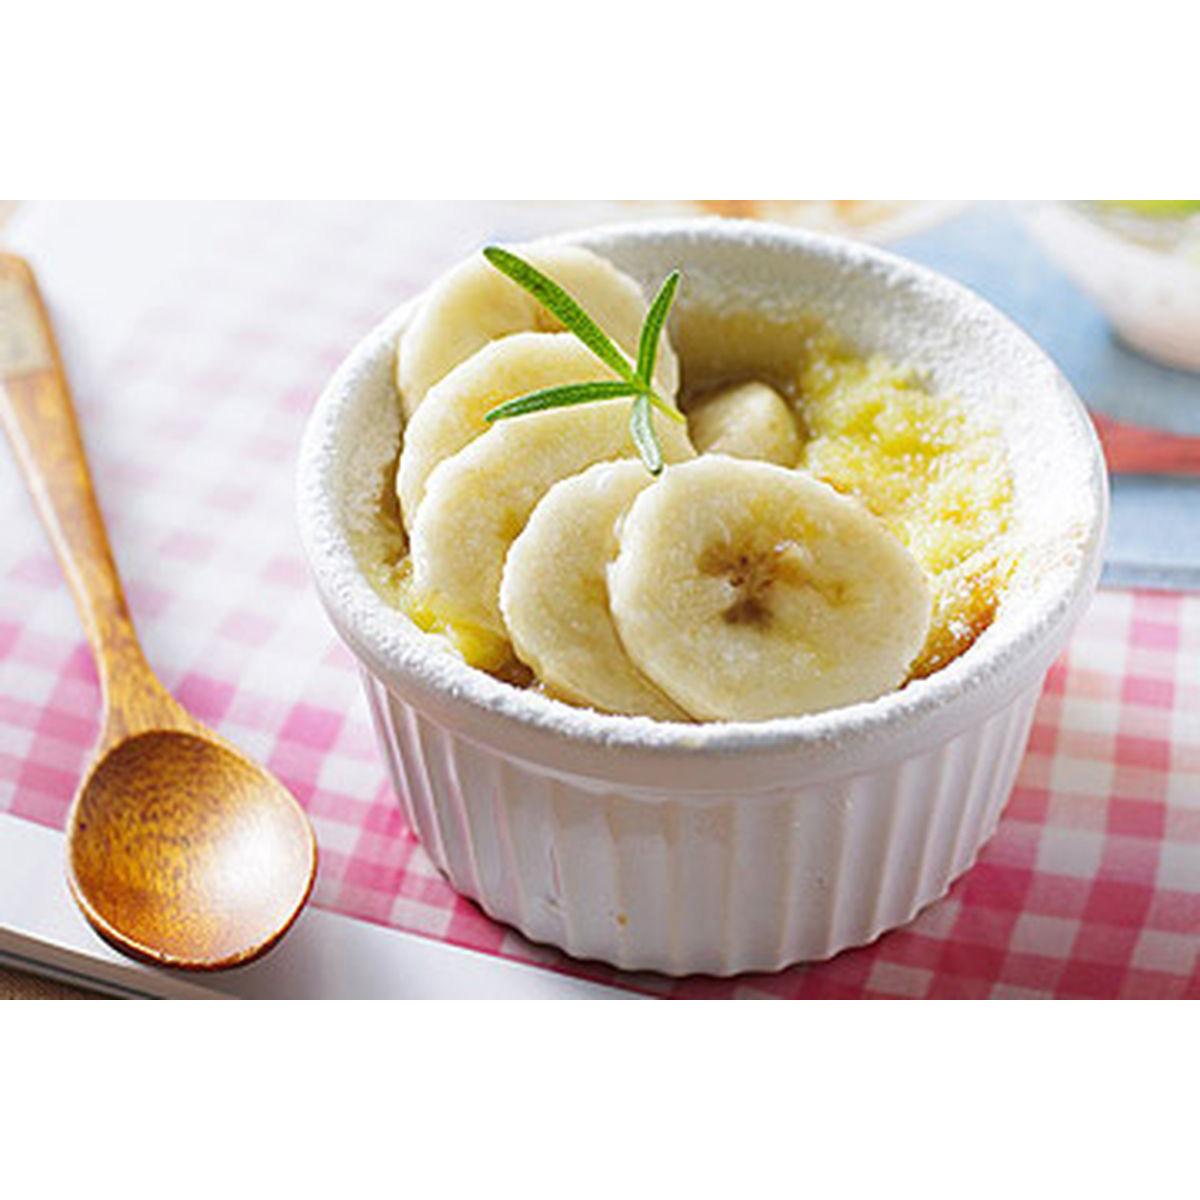 食譜:焗香蕉佐焦糖